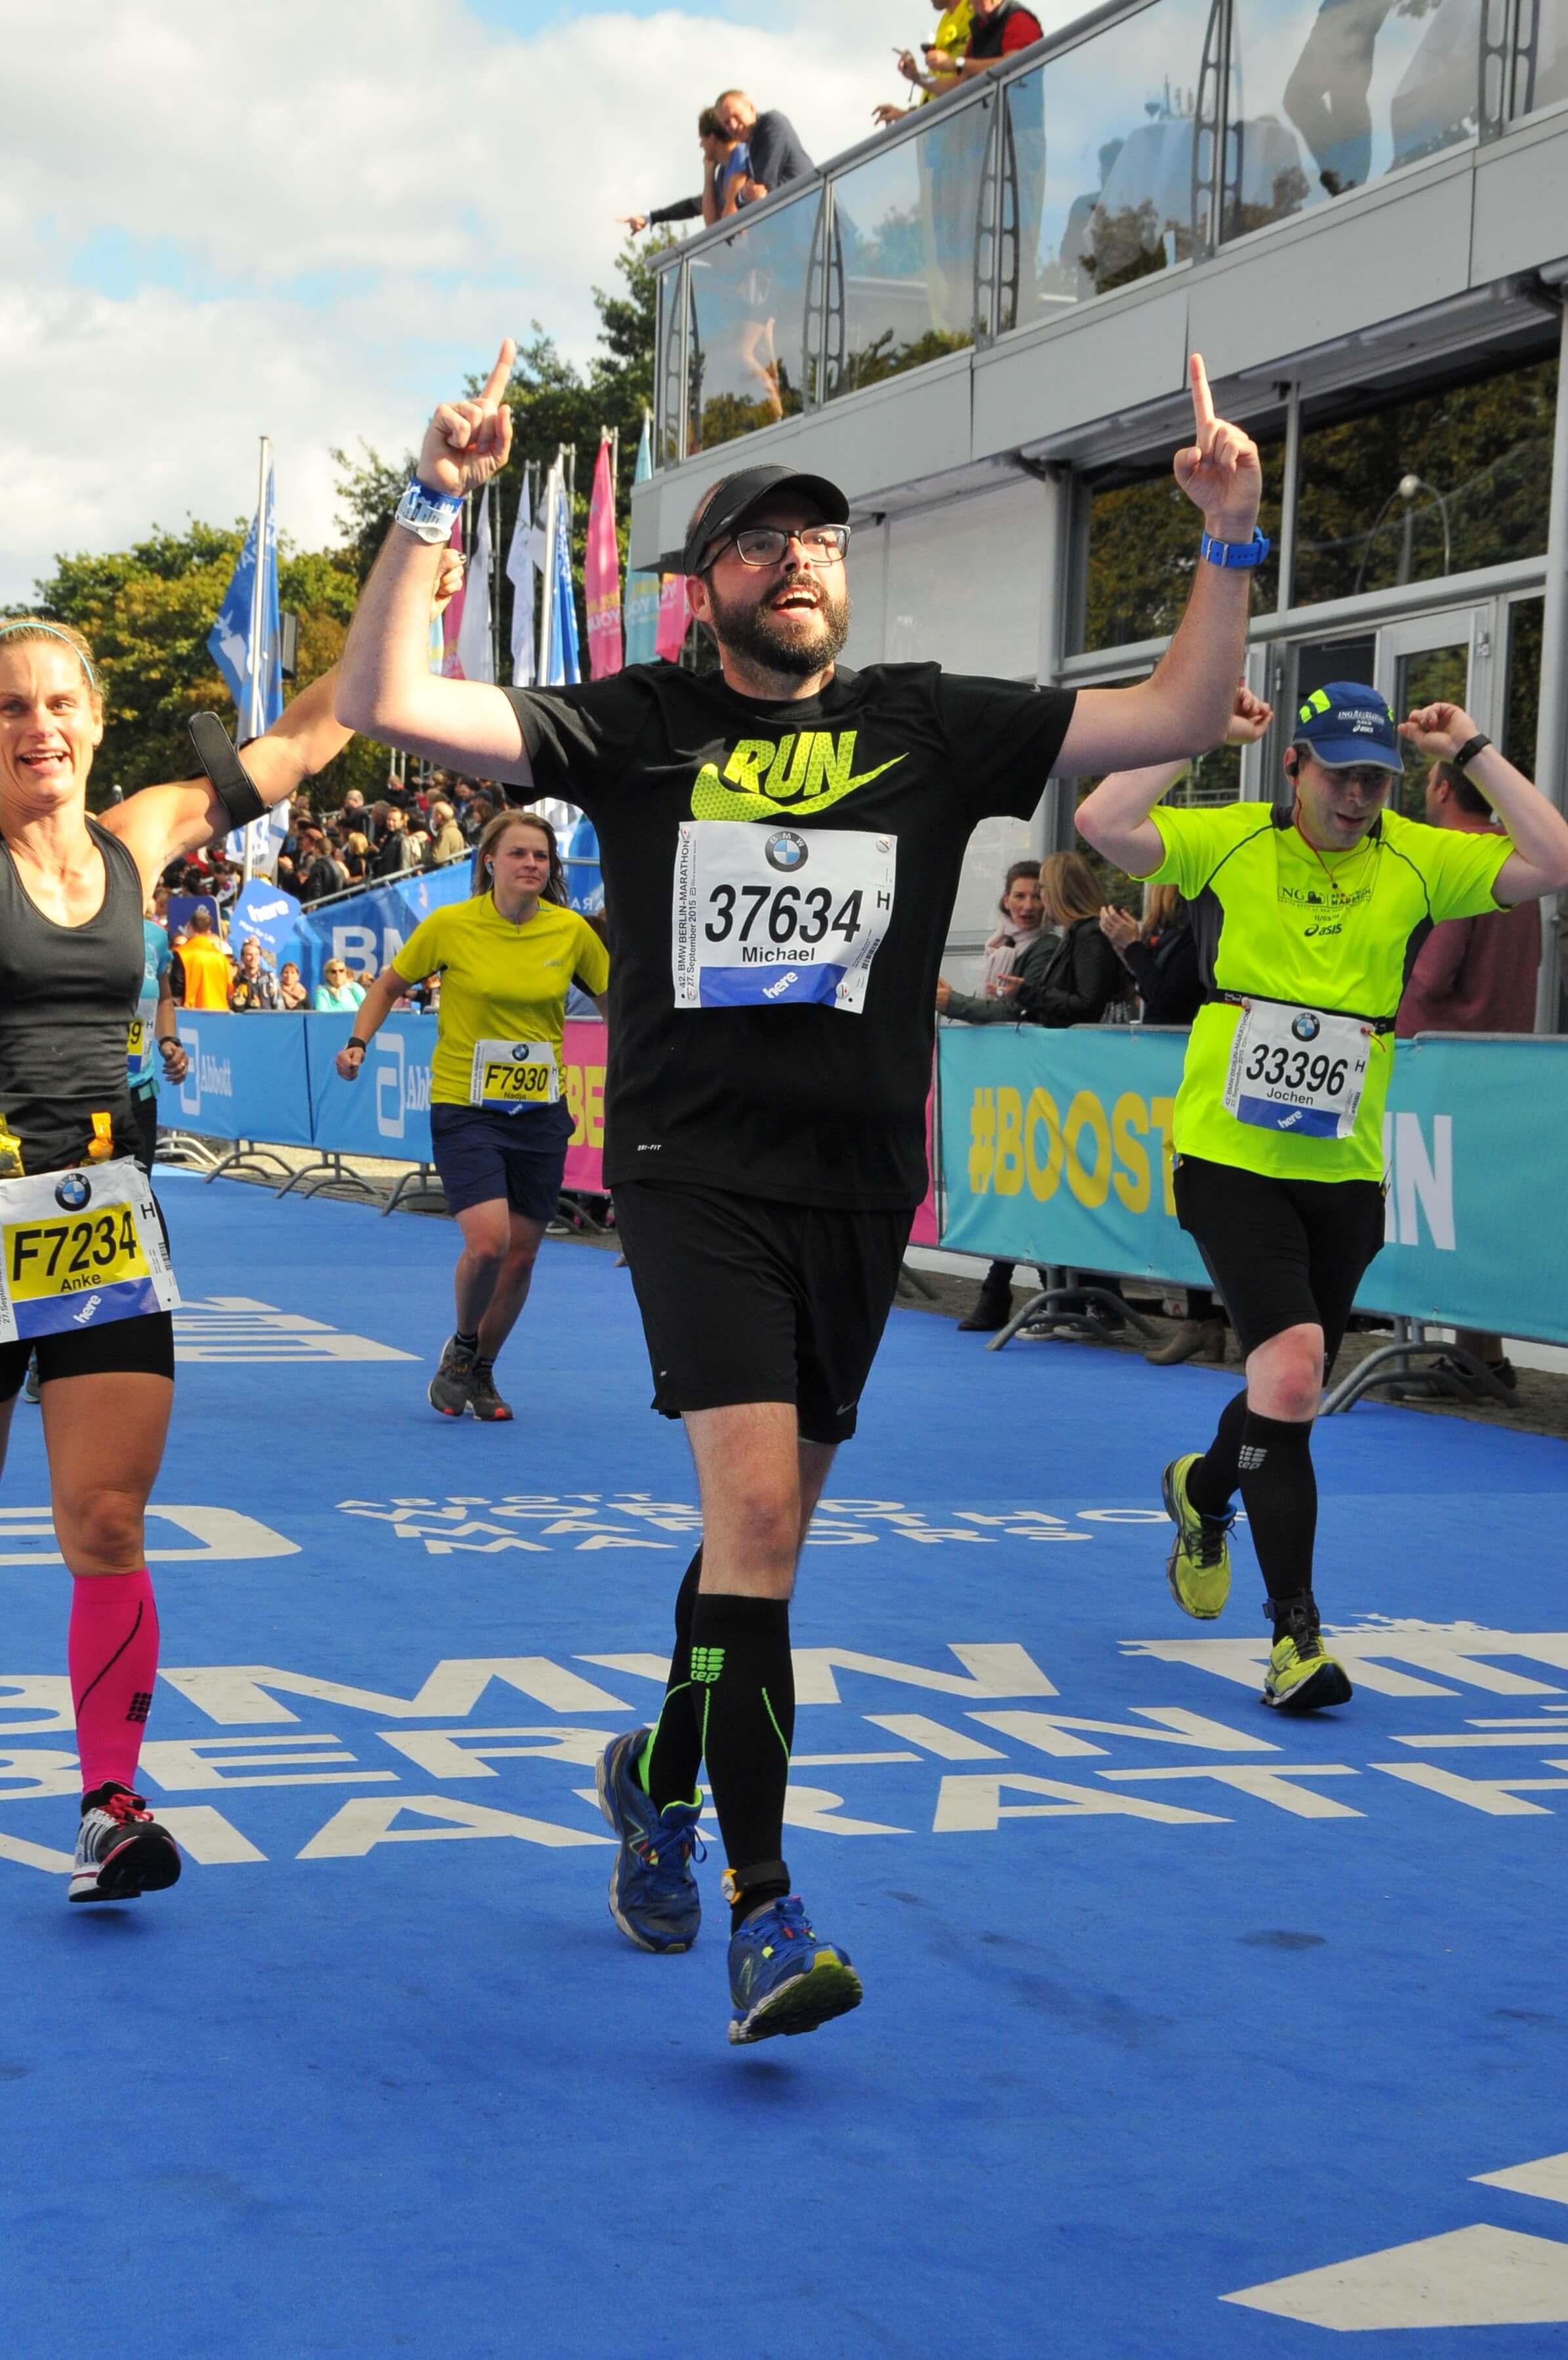 BodyChanger Michael läuft den Berlin-Marathon